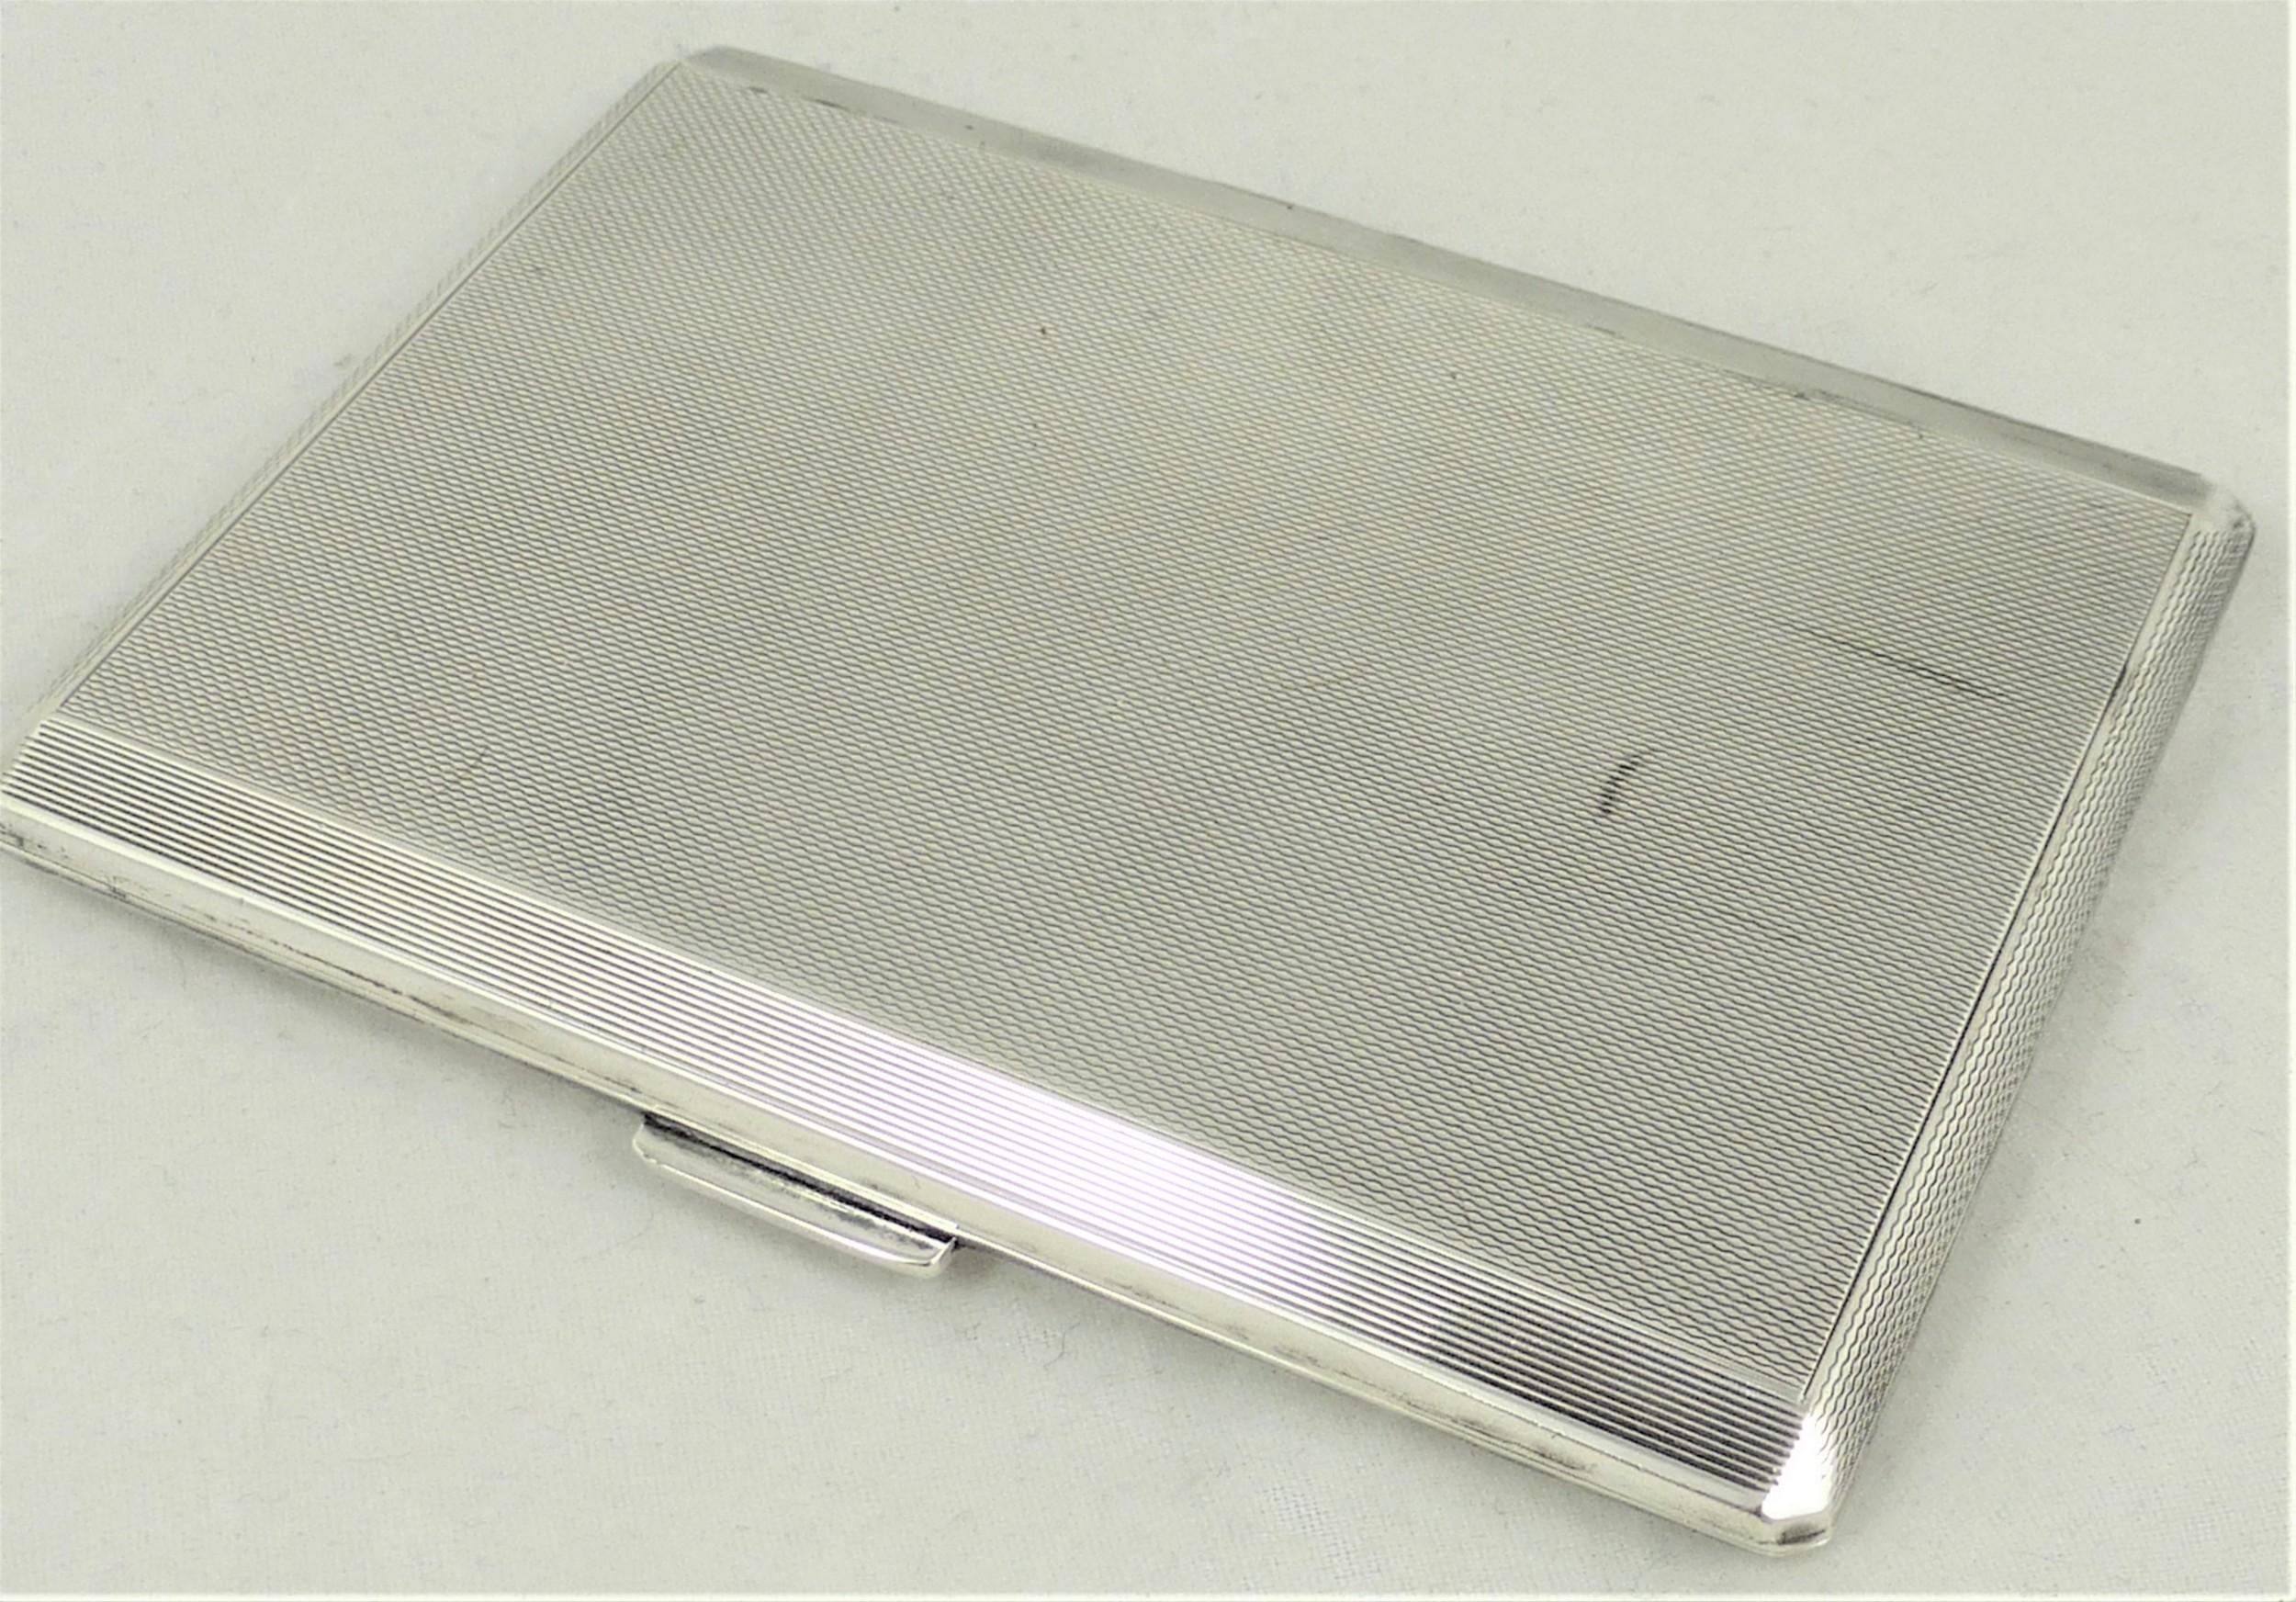 a sterling silver cigarette case